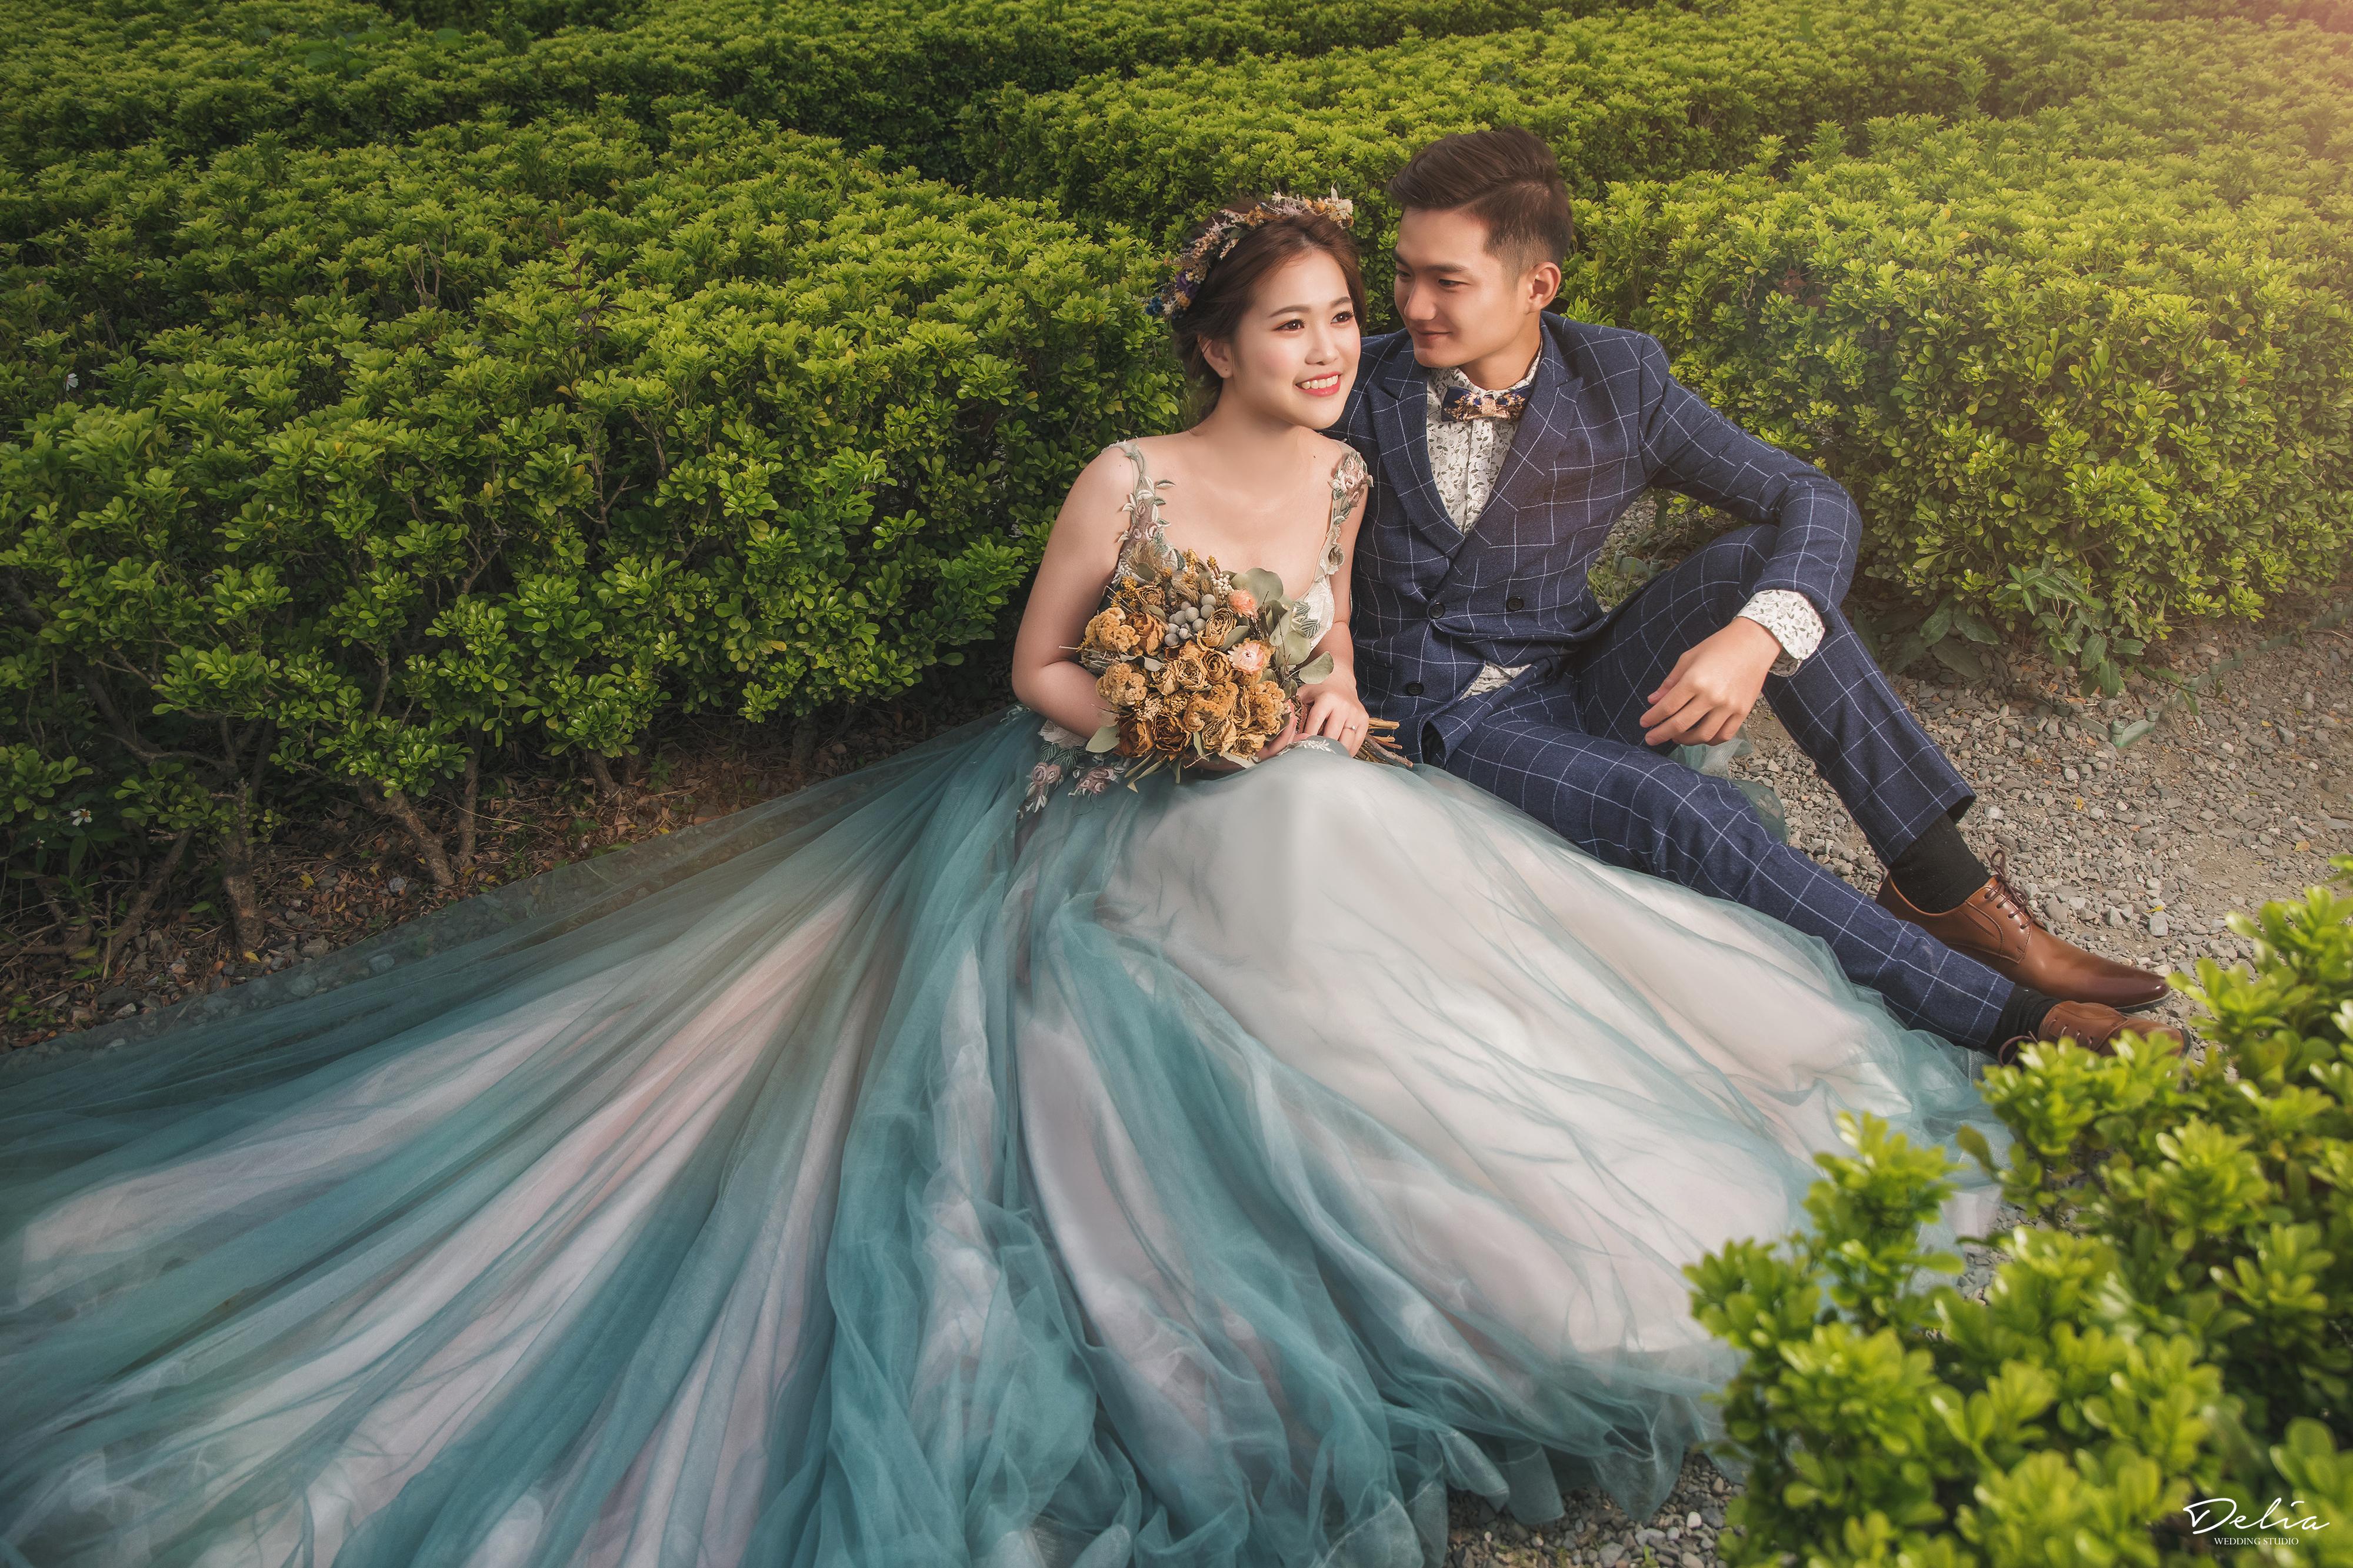 婚紗攝影 先凱&燕翎 婚紗照